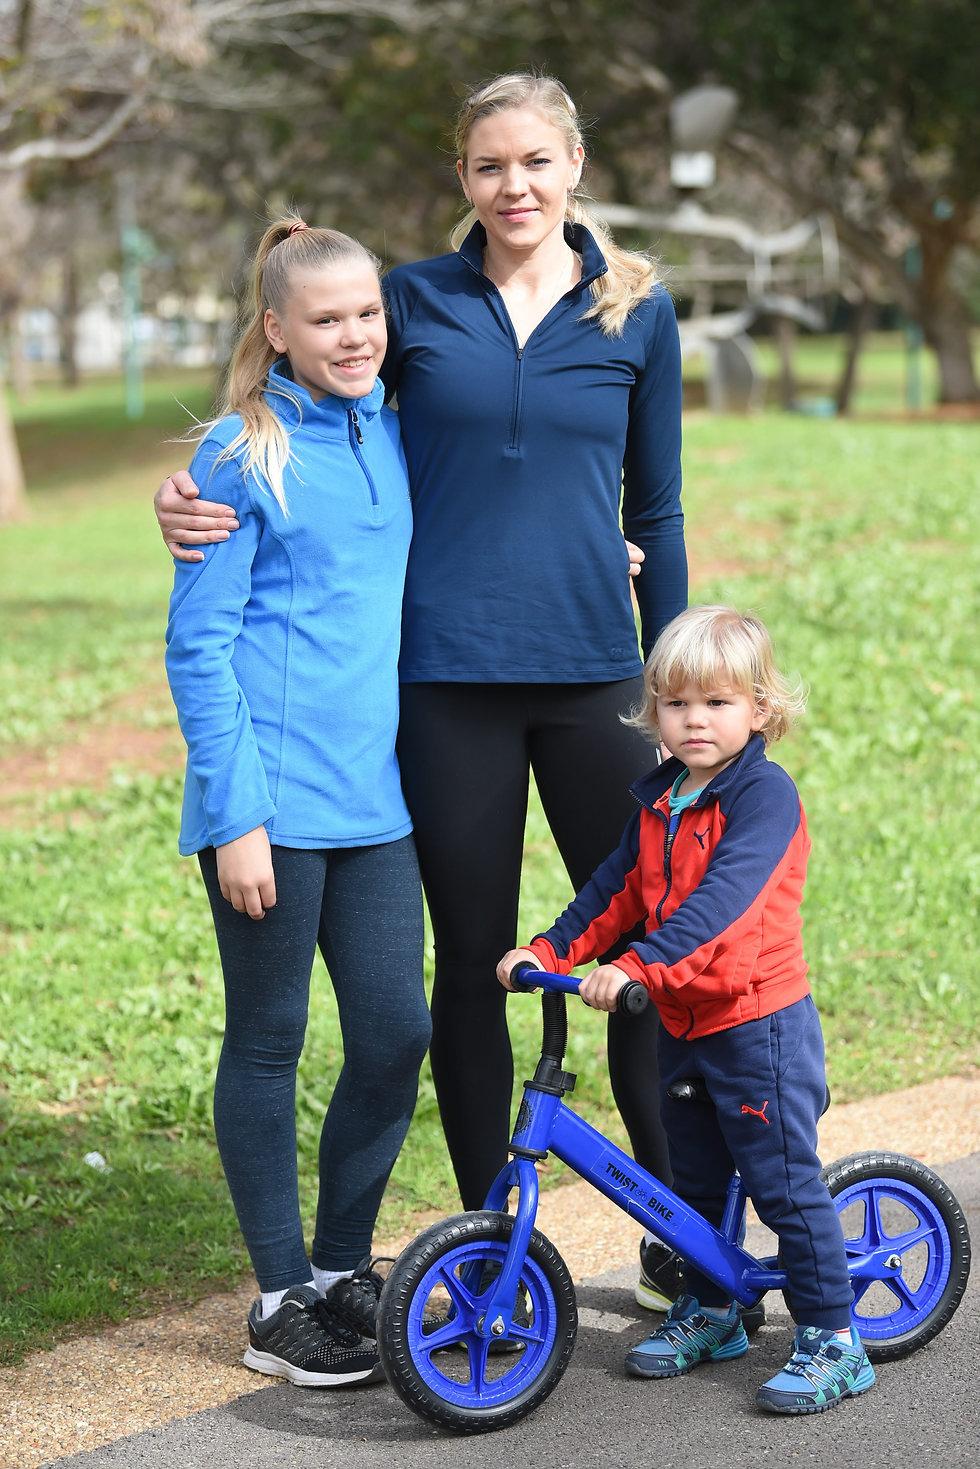 אניה ויליקי עם ילדיה, קטיה וטים (צילום: יאיר שגיא) (צילום: יאיר שגיא)